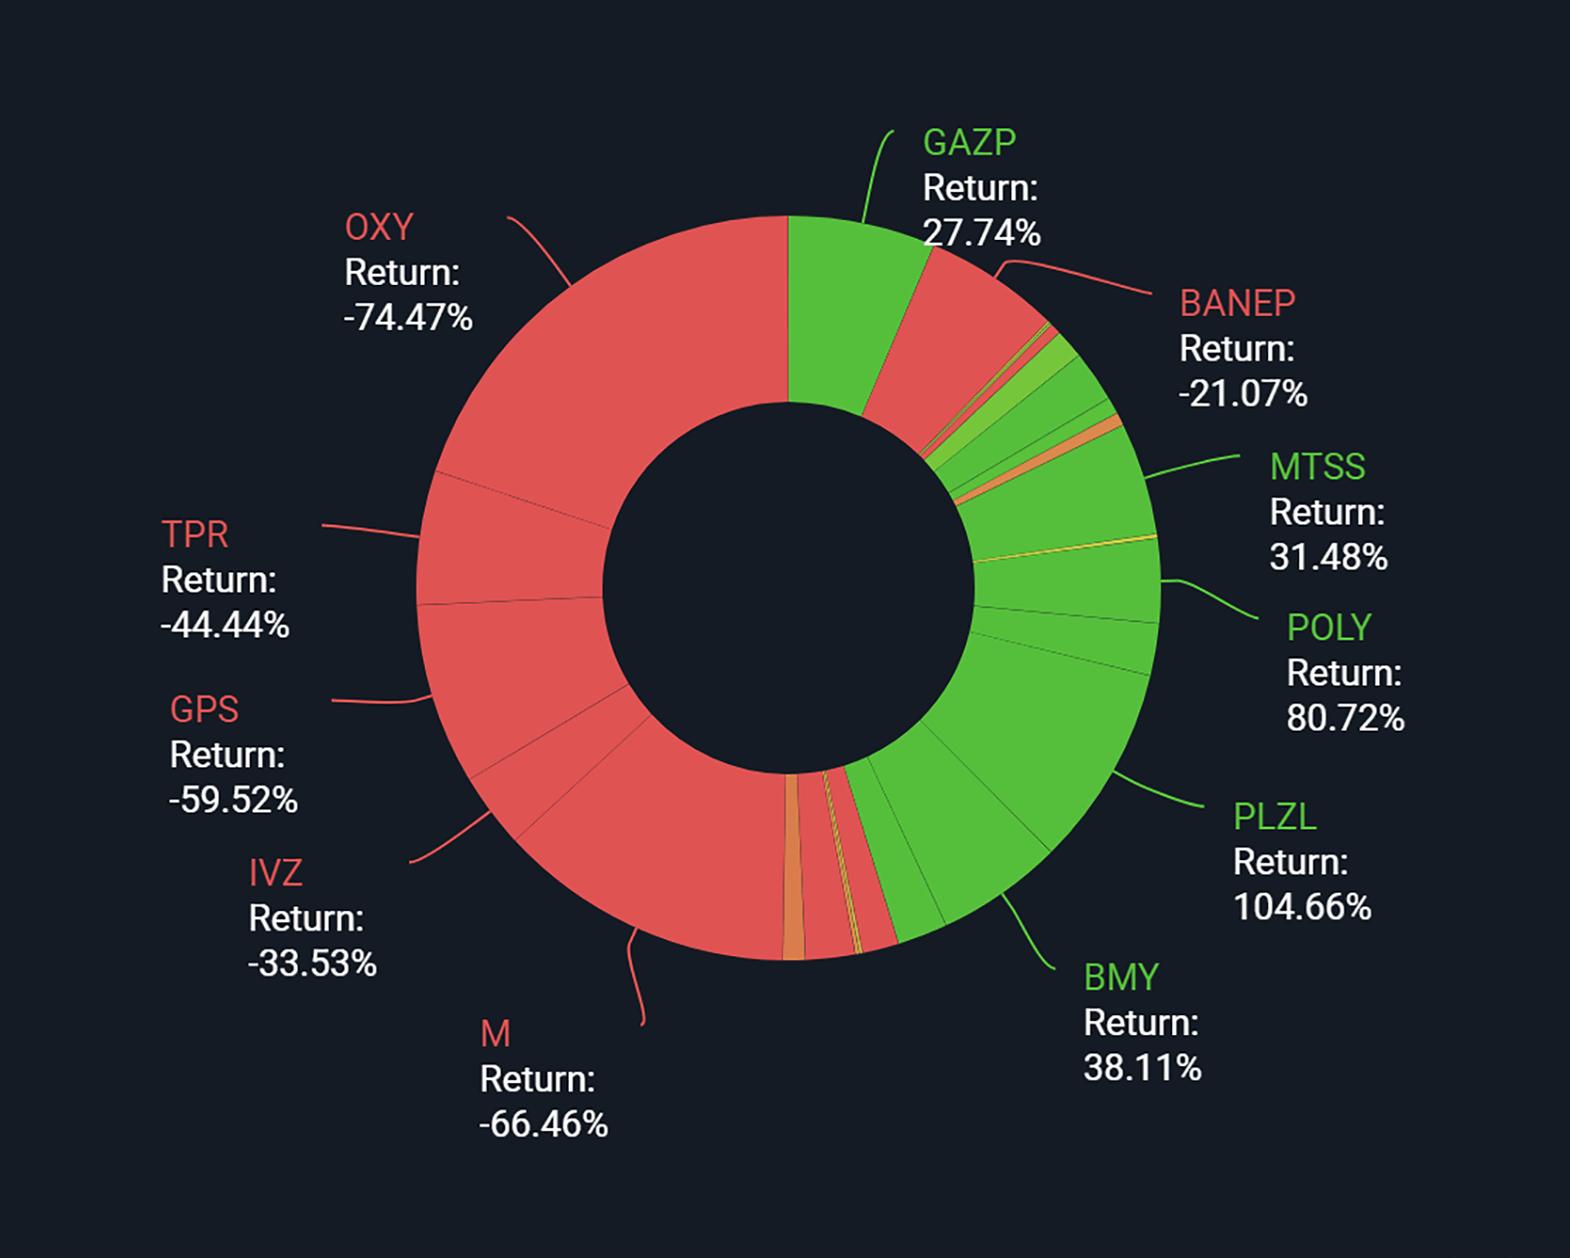 Наибольшие просадки и прибыль за прошедший год в моем портфеле